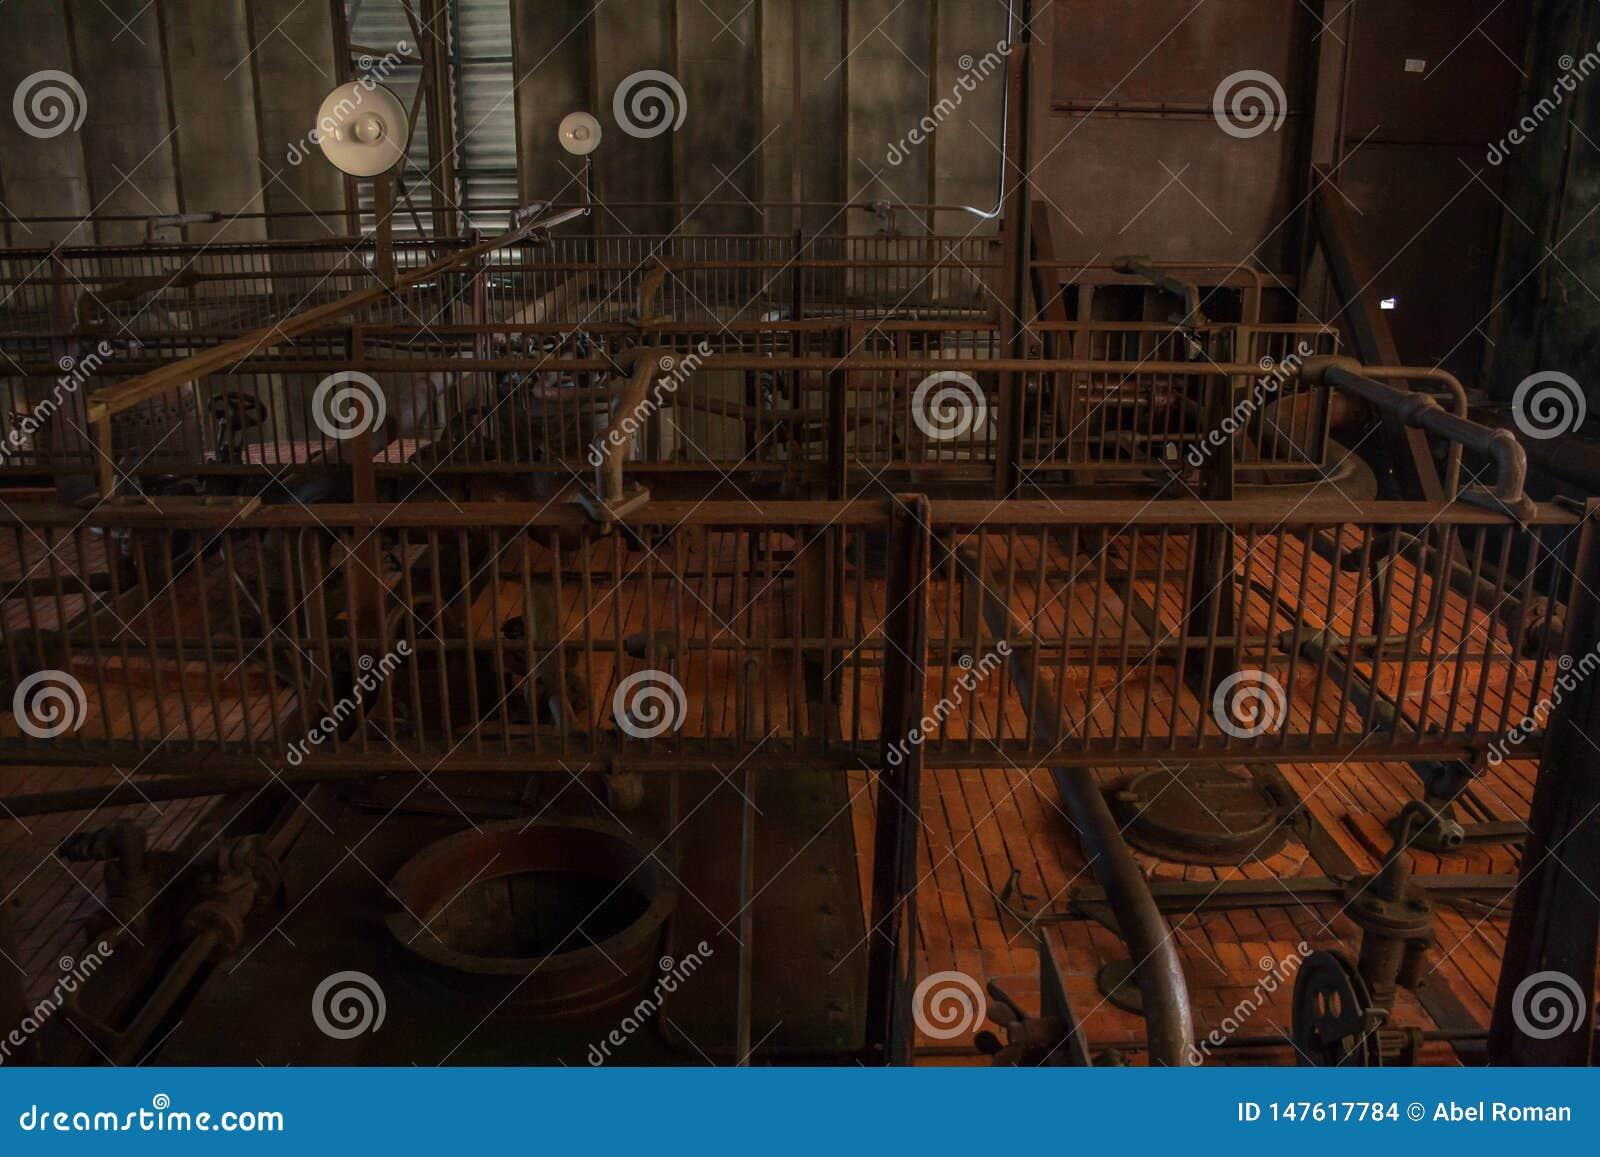 De oude thermische elektrische centrale, roestig en retro ziet eruit